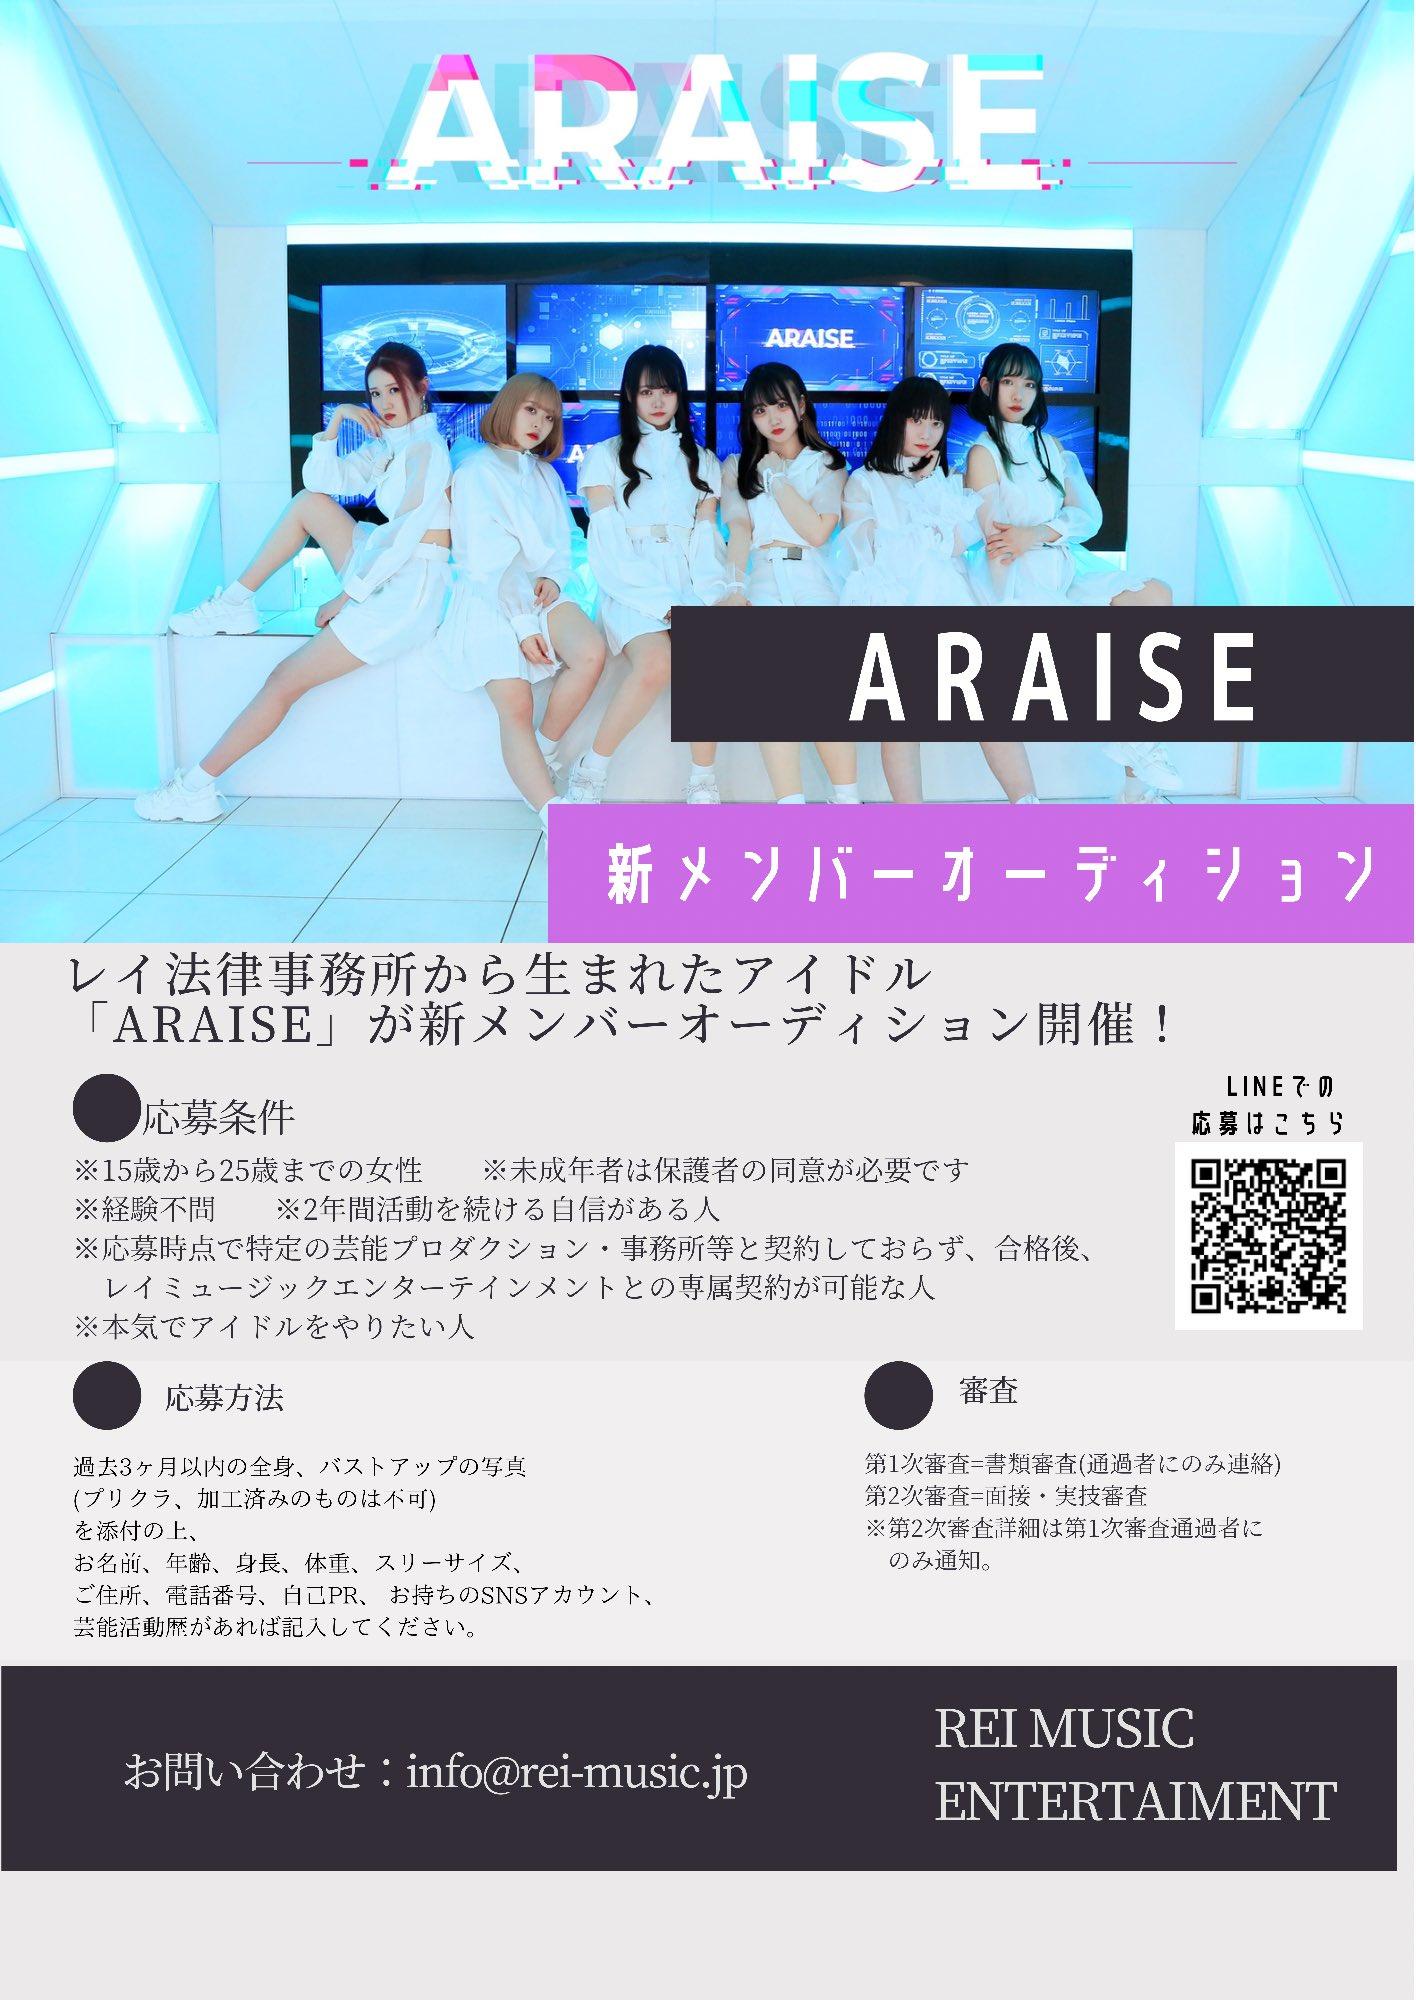 オーディション ARAISE 新メンバーオーディション レイ法律事務所プロデュース 主催:レイミュージックエンターテインメント、カテゴリ:アイドル(楽曲派)